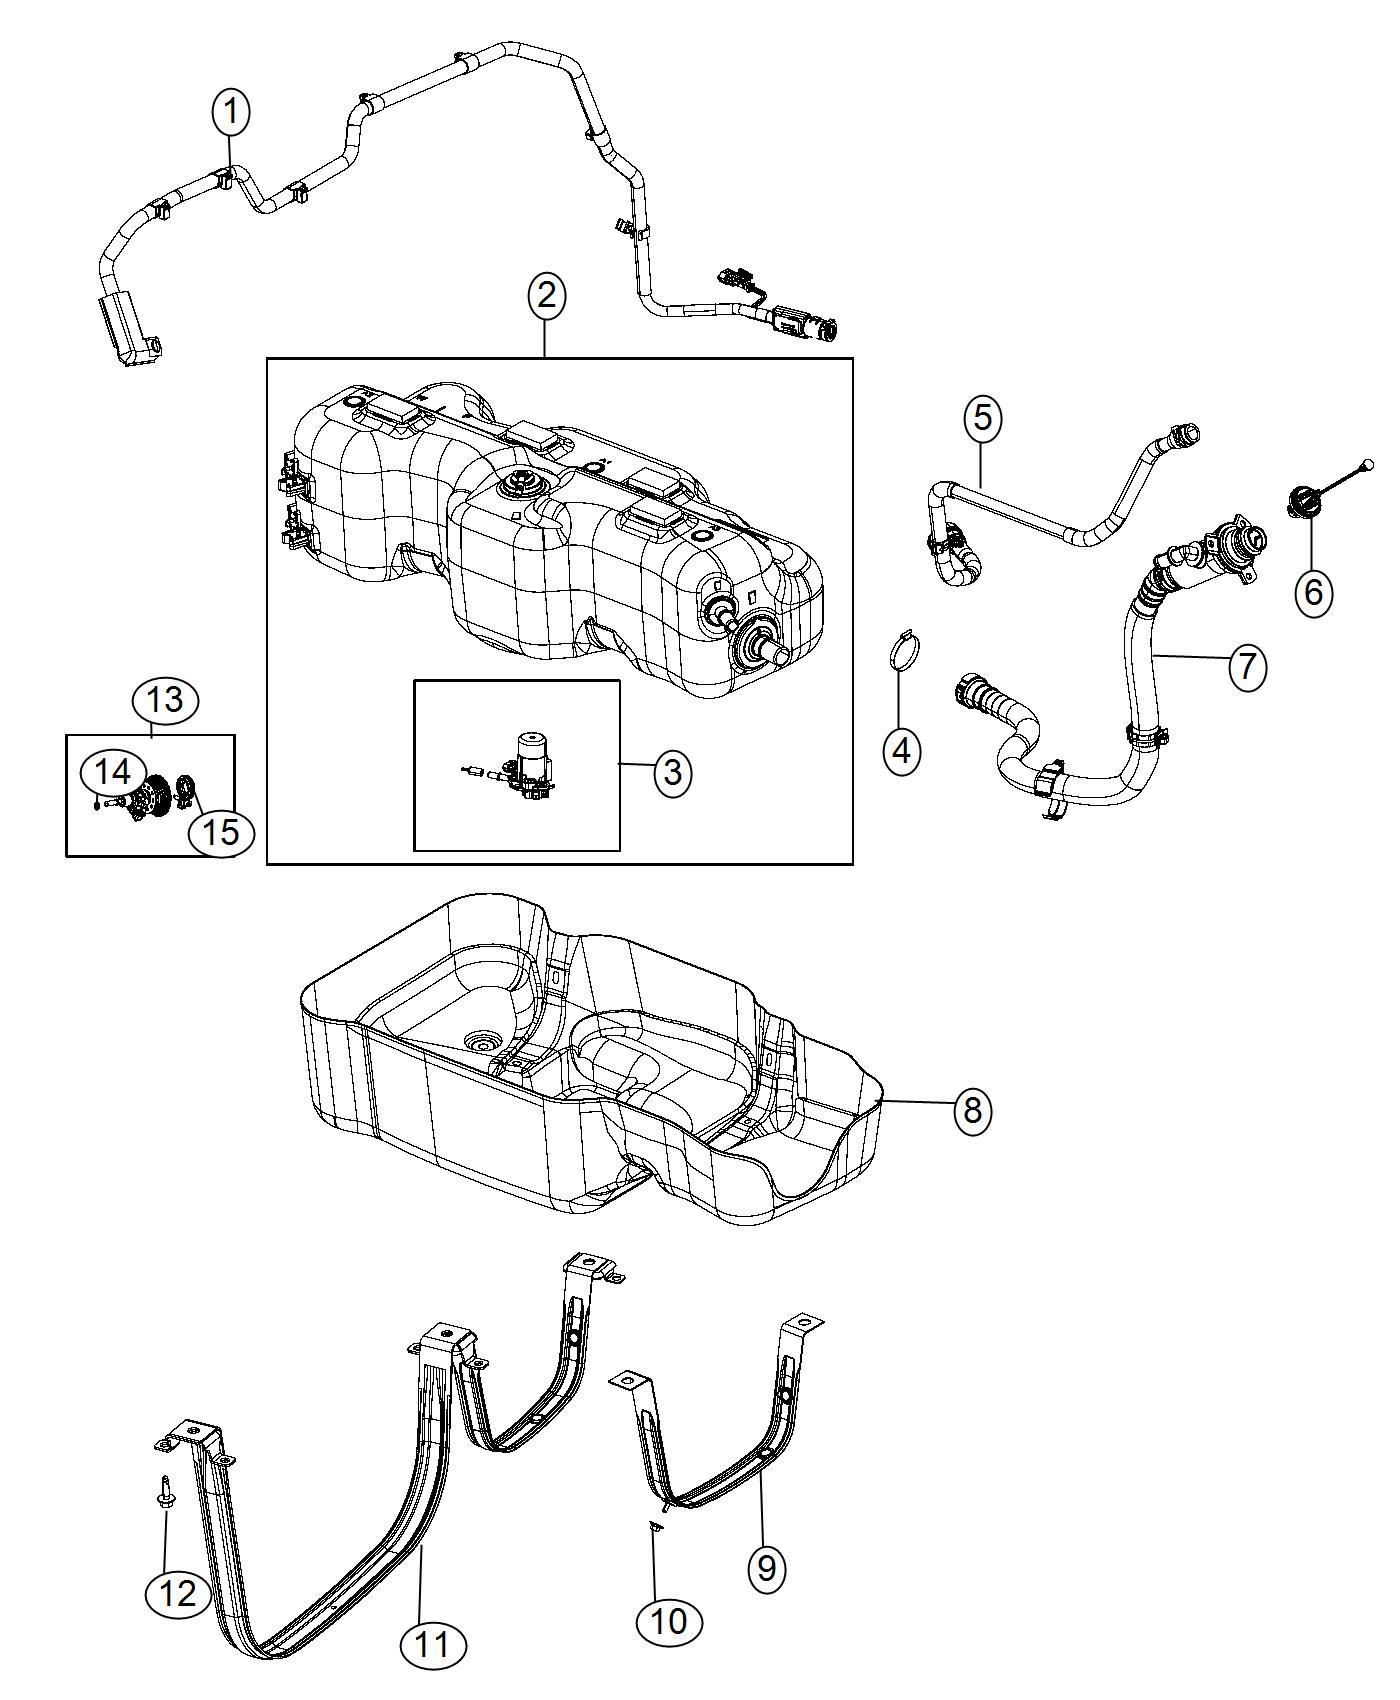 Dodge Ram 2500 5 7 U0026 6 4 Exhaust Wiring Diagram